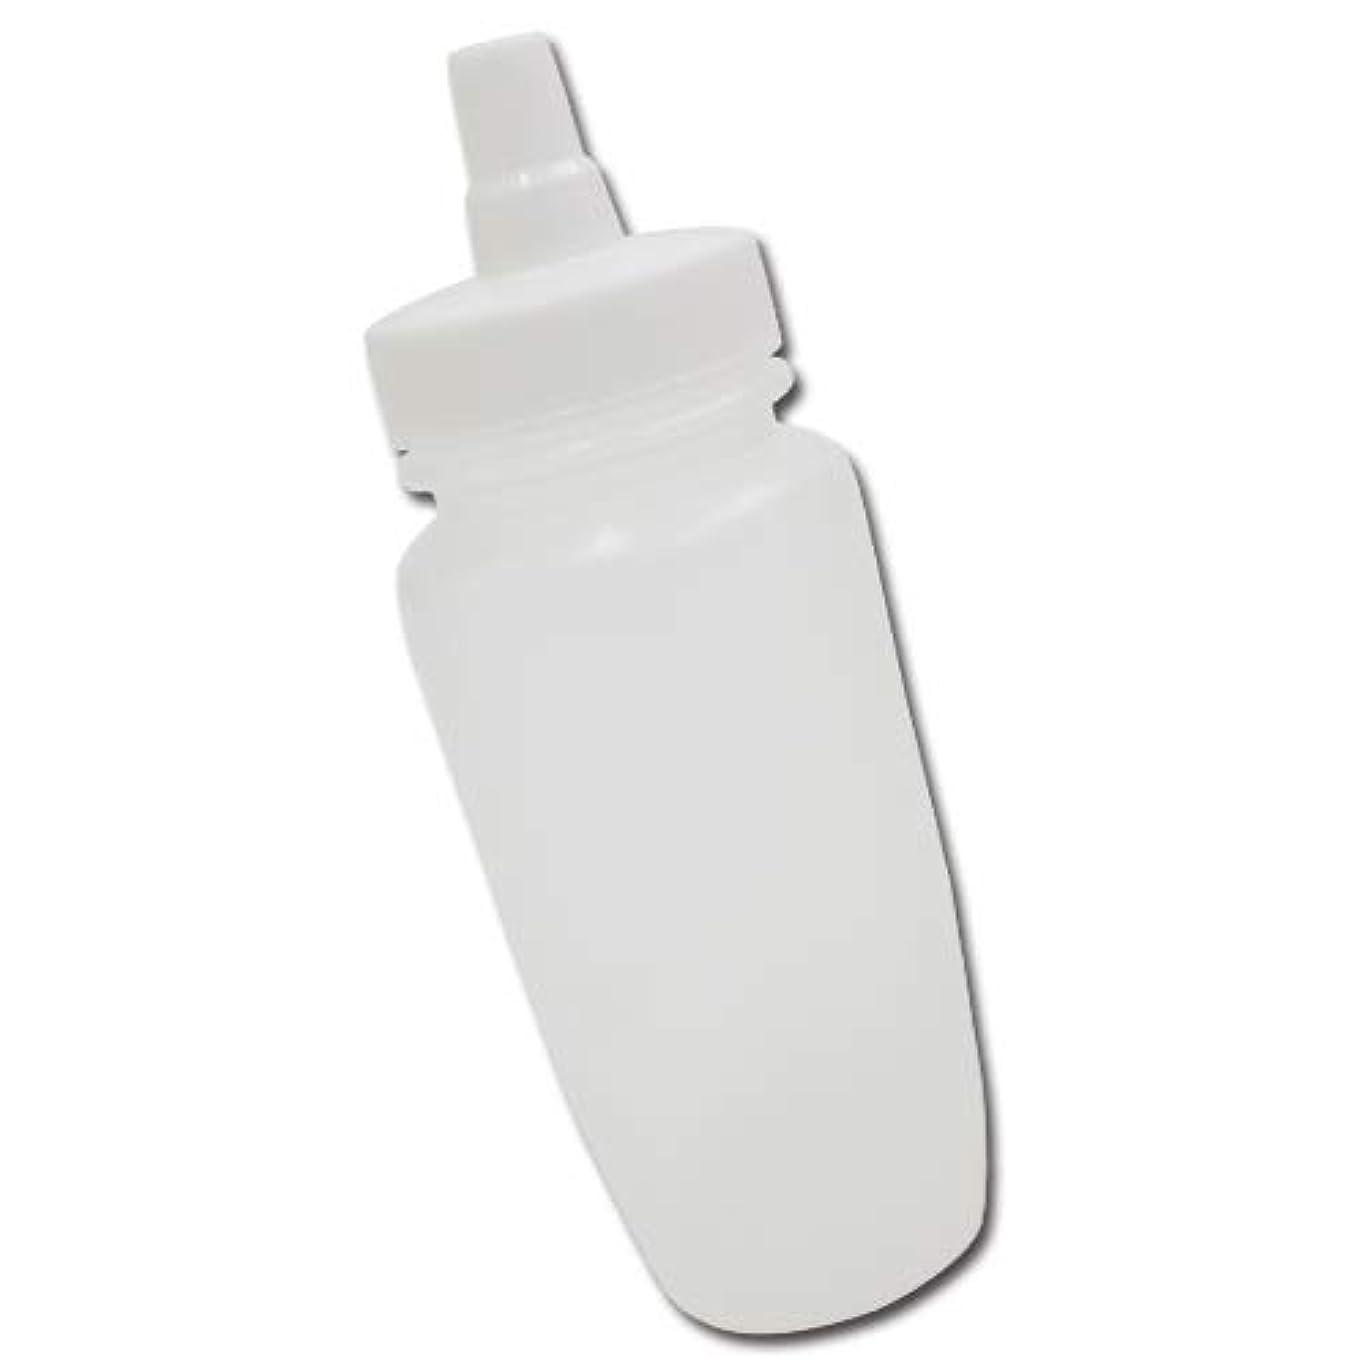 確認してください長々とつぶすはちみつ容器180ml(ホワイトキャップ)│業務用ローションや調味料の小分けに詰め替え用ハチミツ容器(蜂蜜容器)はちみつボトル